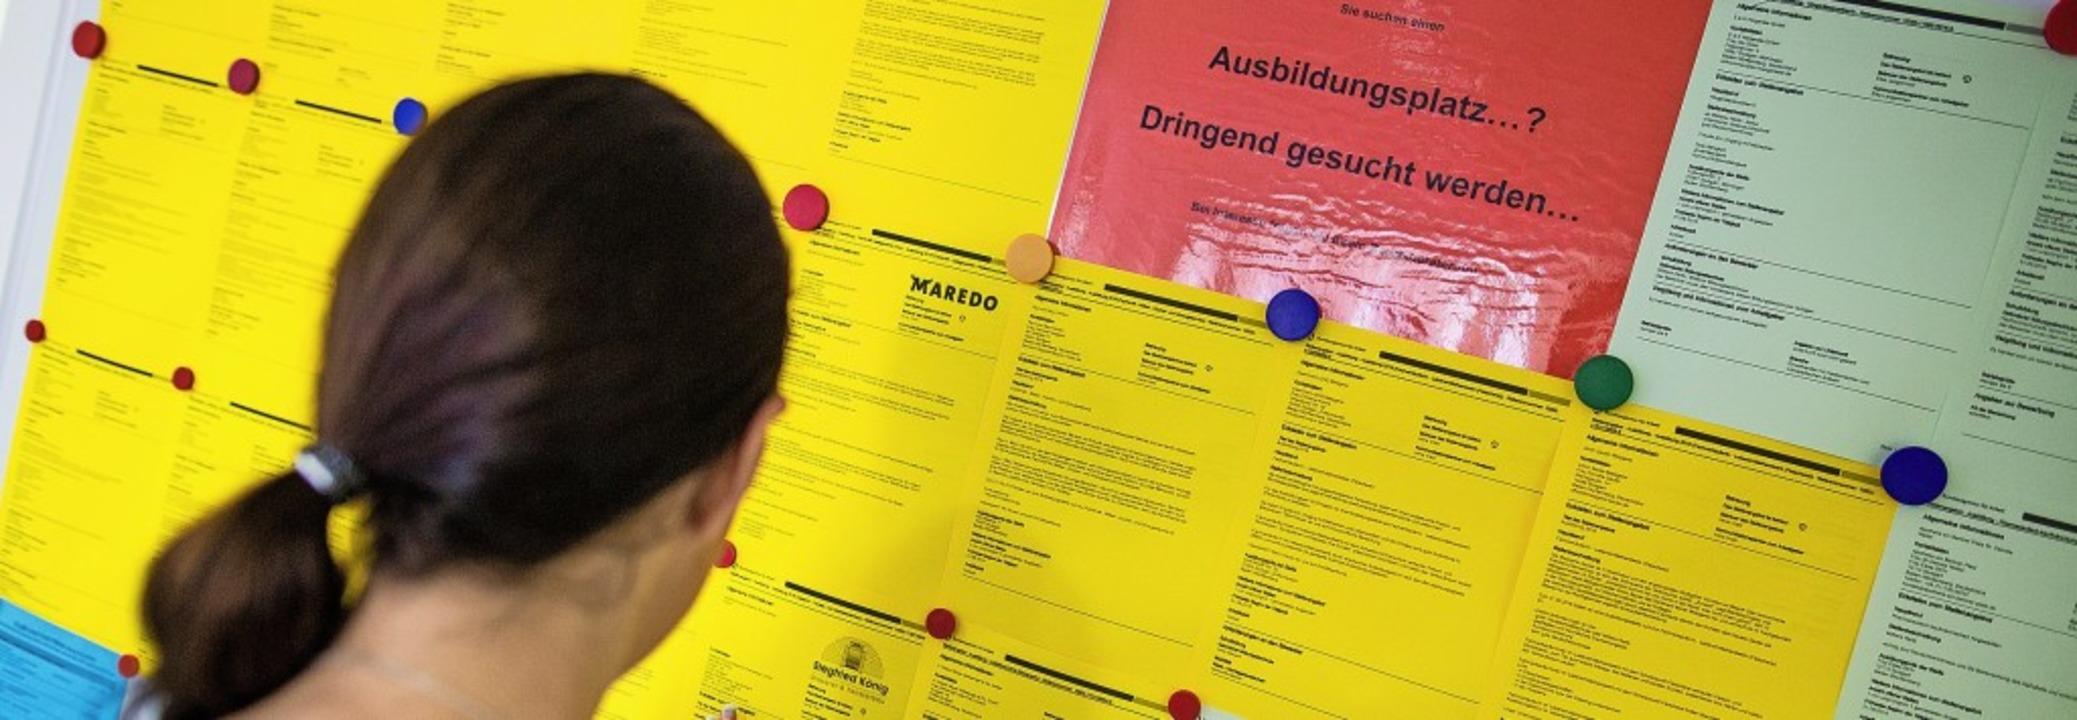 Bei der Arbeitsagentur: Freie Ausbildu...en bleiben manche Bewerber unversorgt.  | Foto: Christoph Schmidt